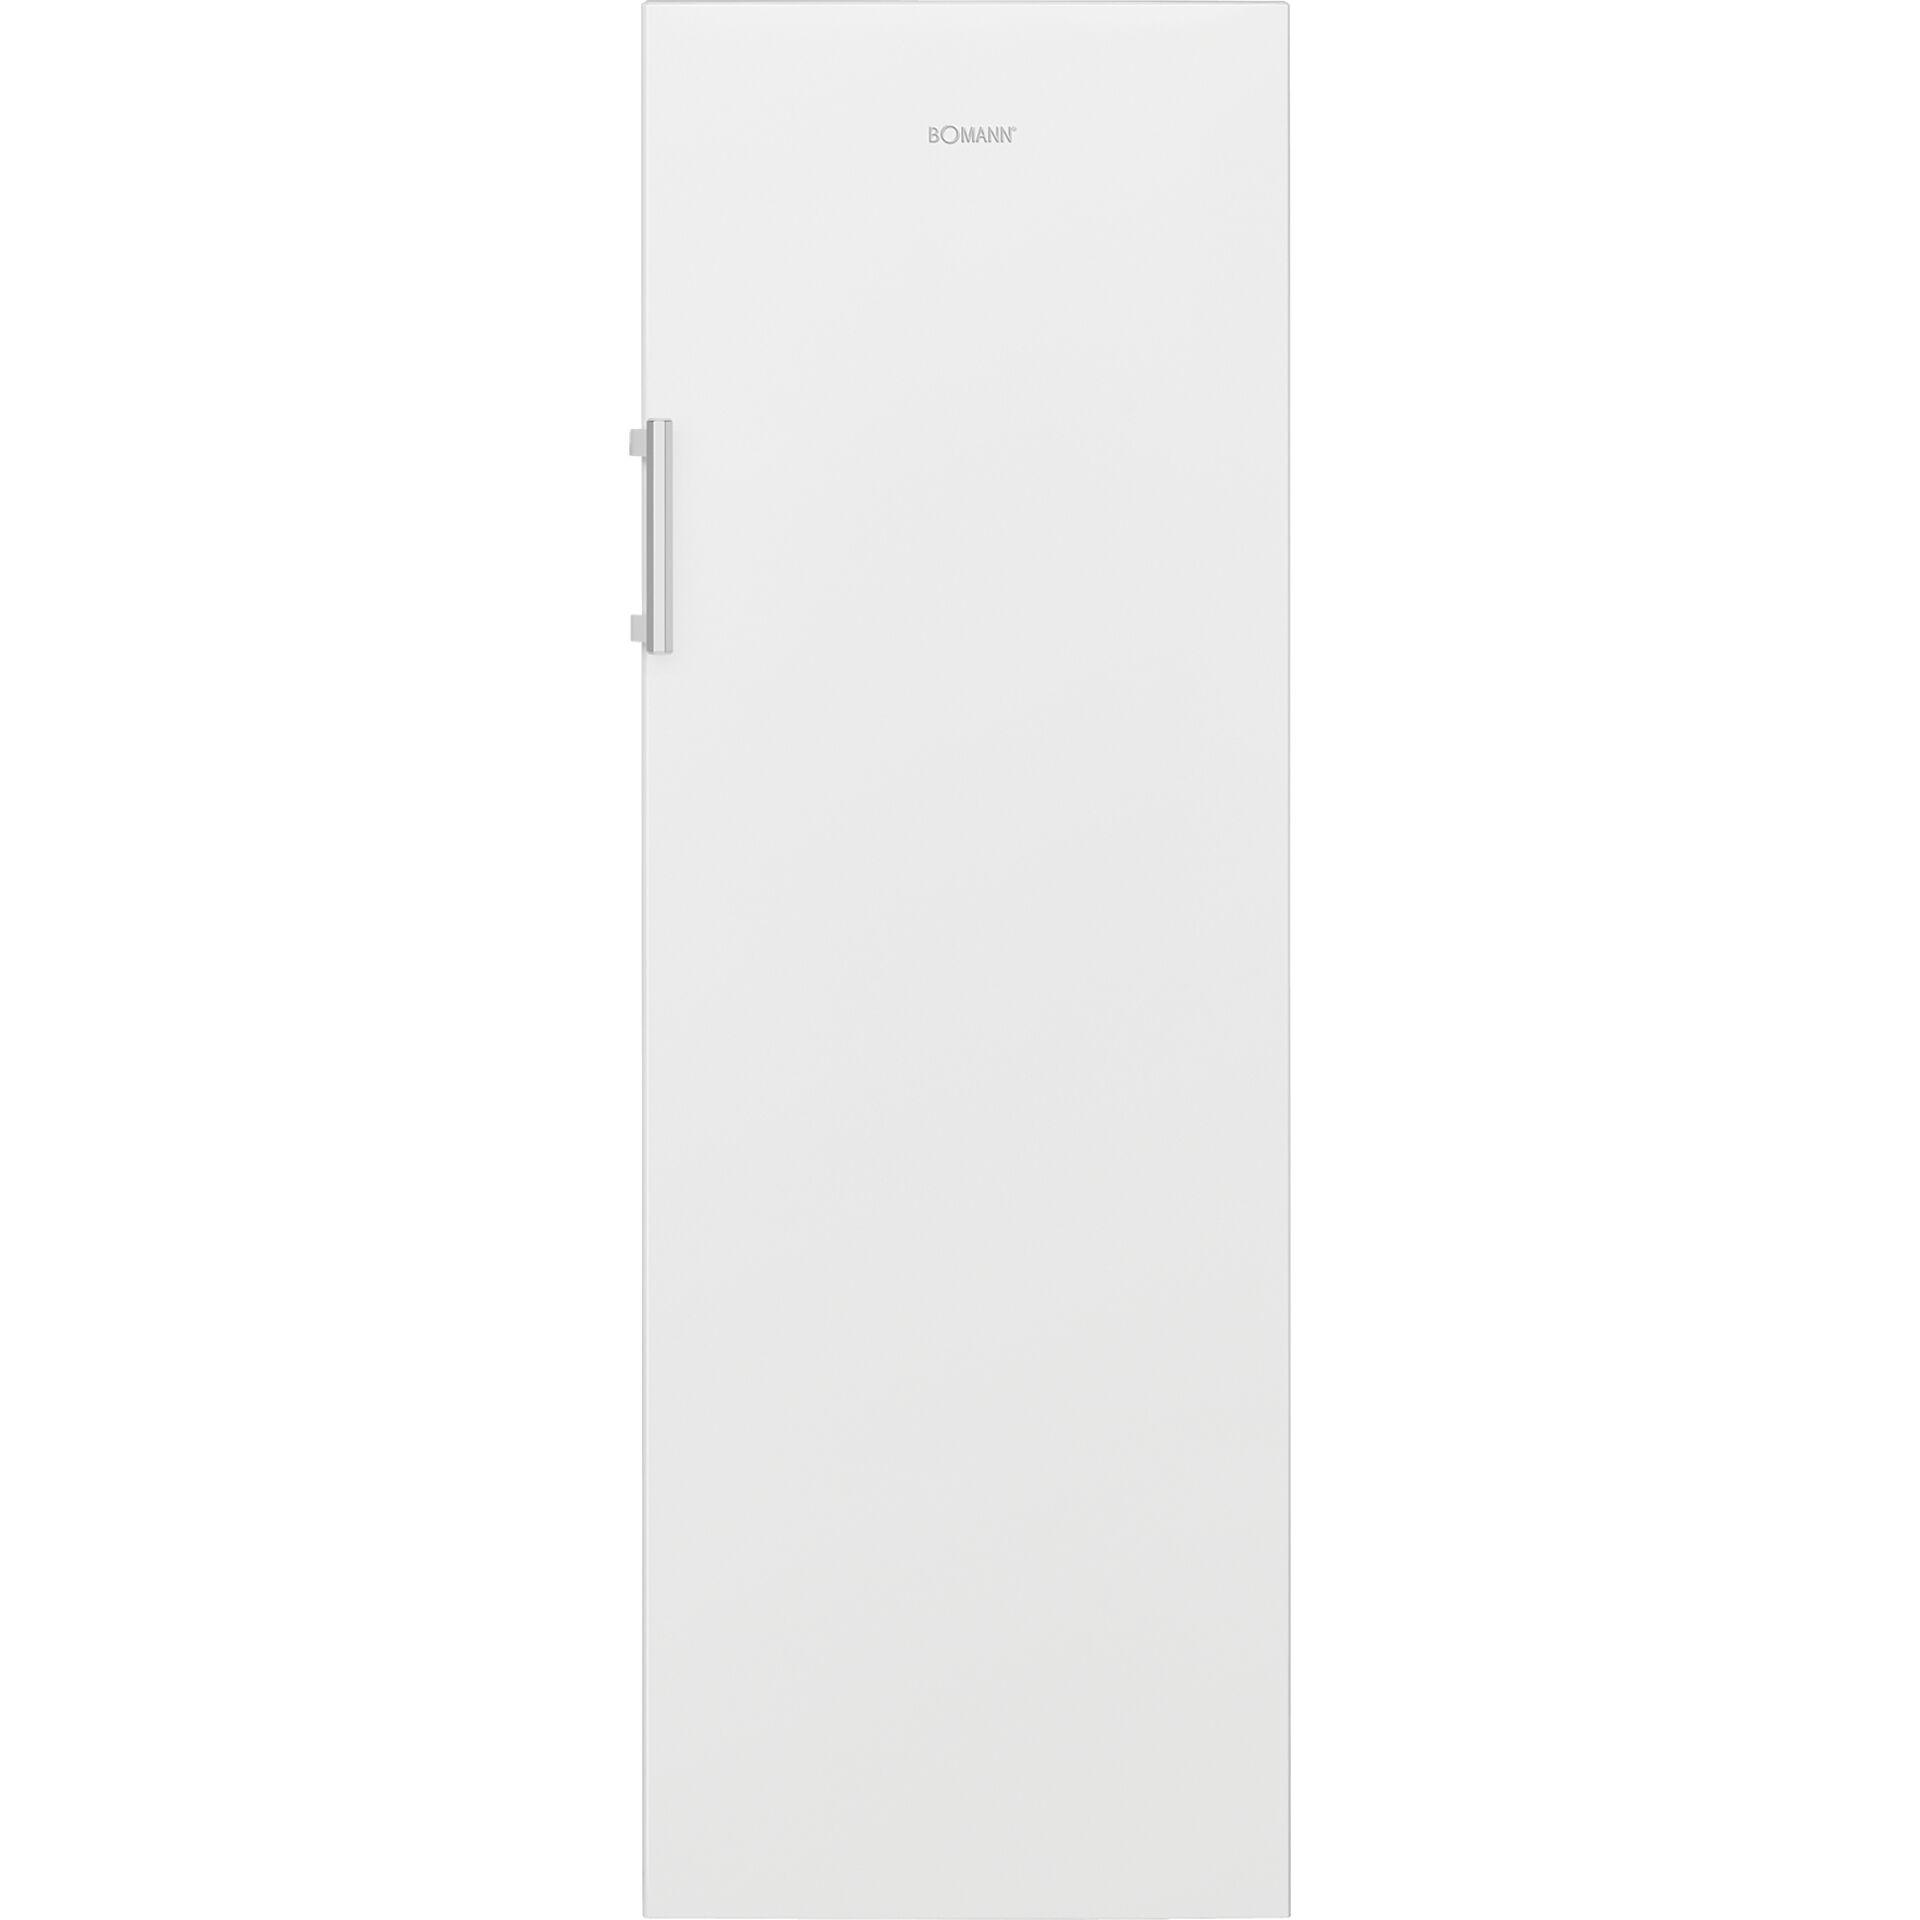 Bomann GS 7326.1 weiß